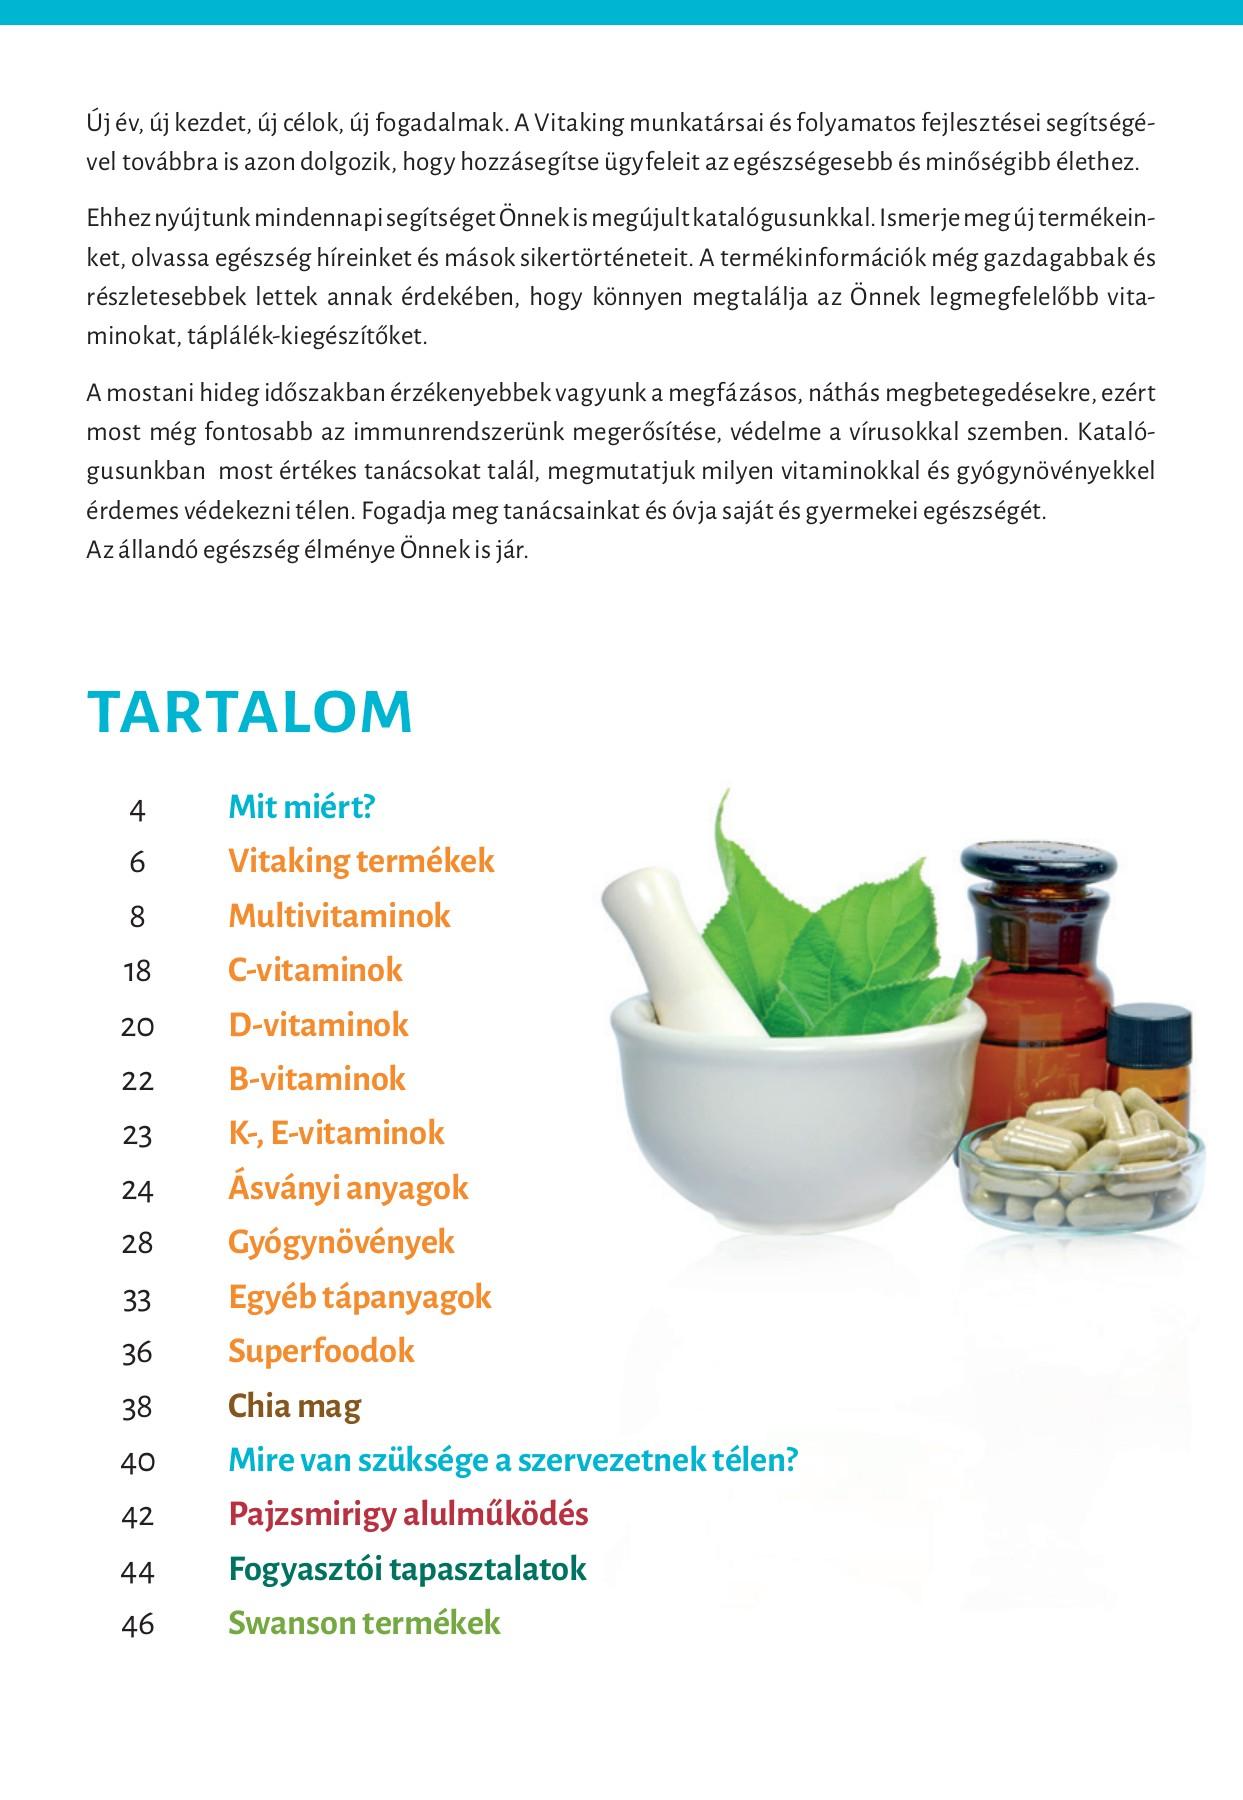 vitamin a látáshoz, ami jobb)